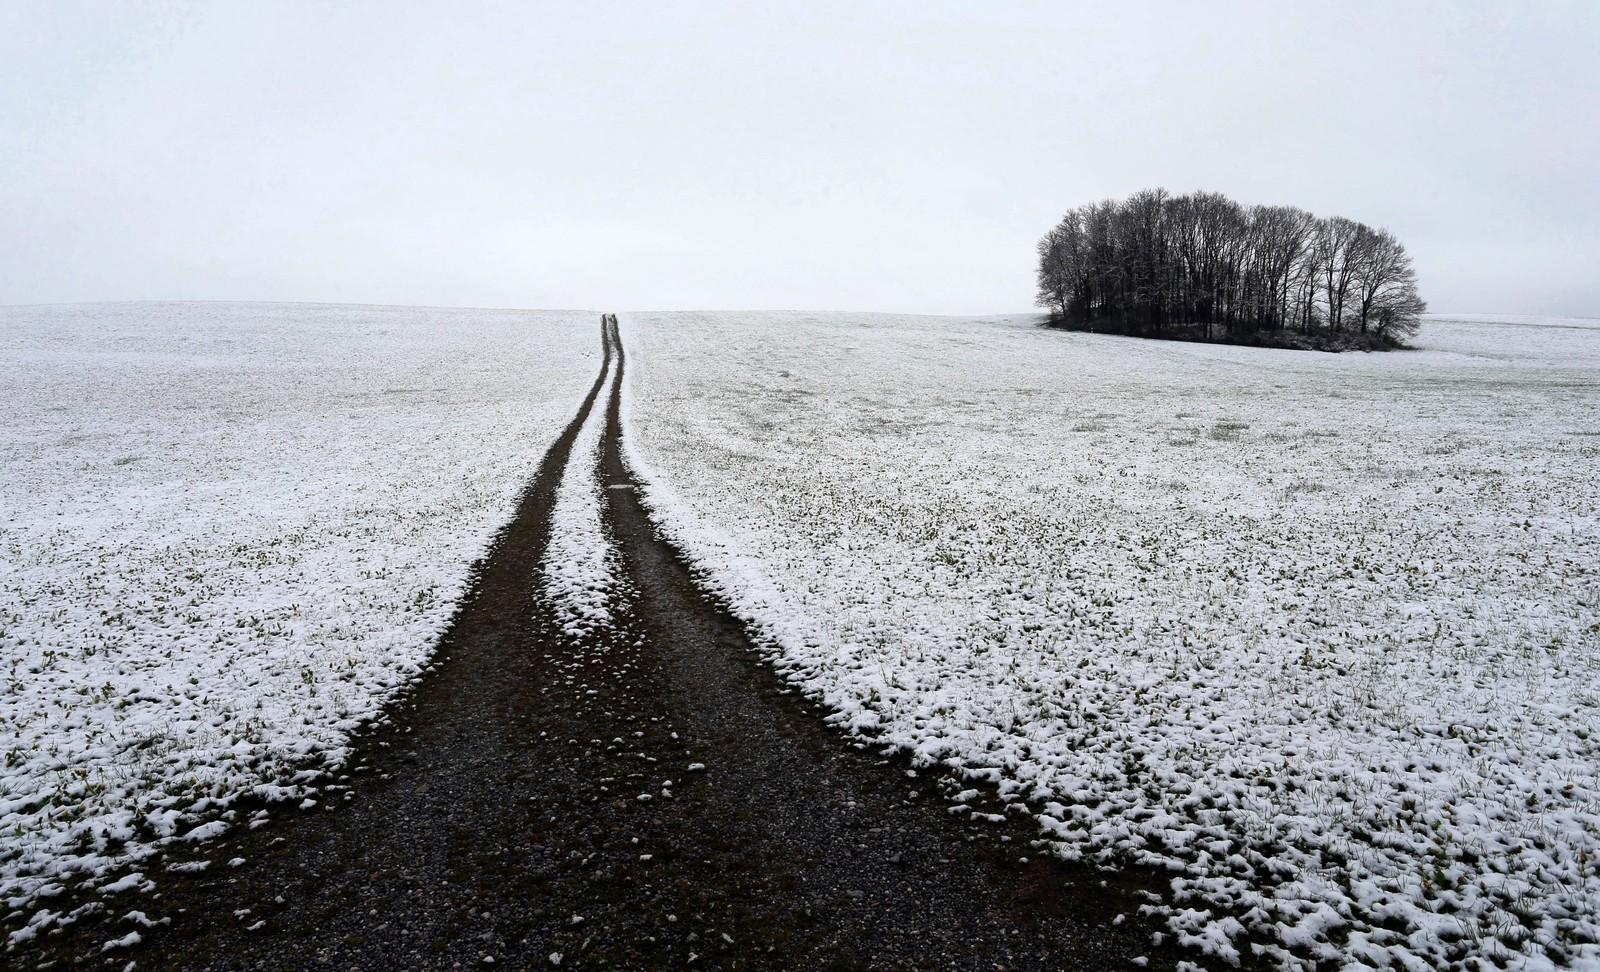 En landevei kutter det snøkledde landskapet i to nær Apfeltrang i Tyskland.